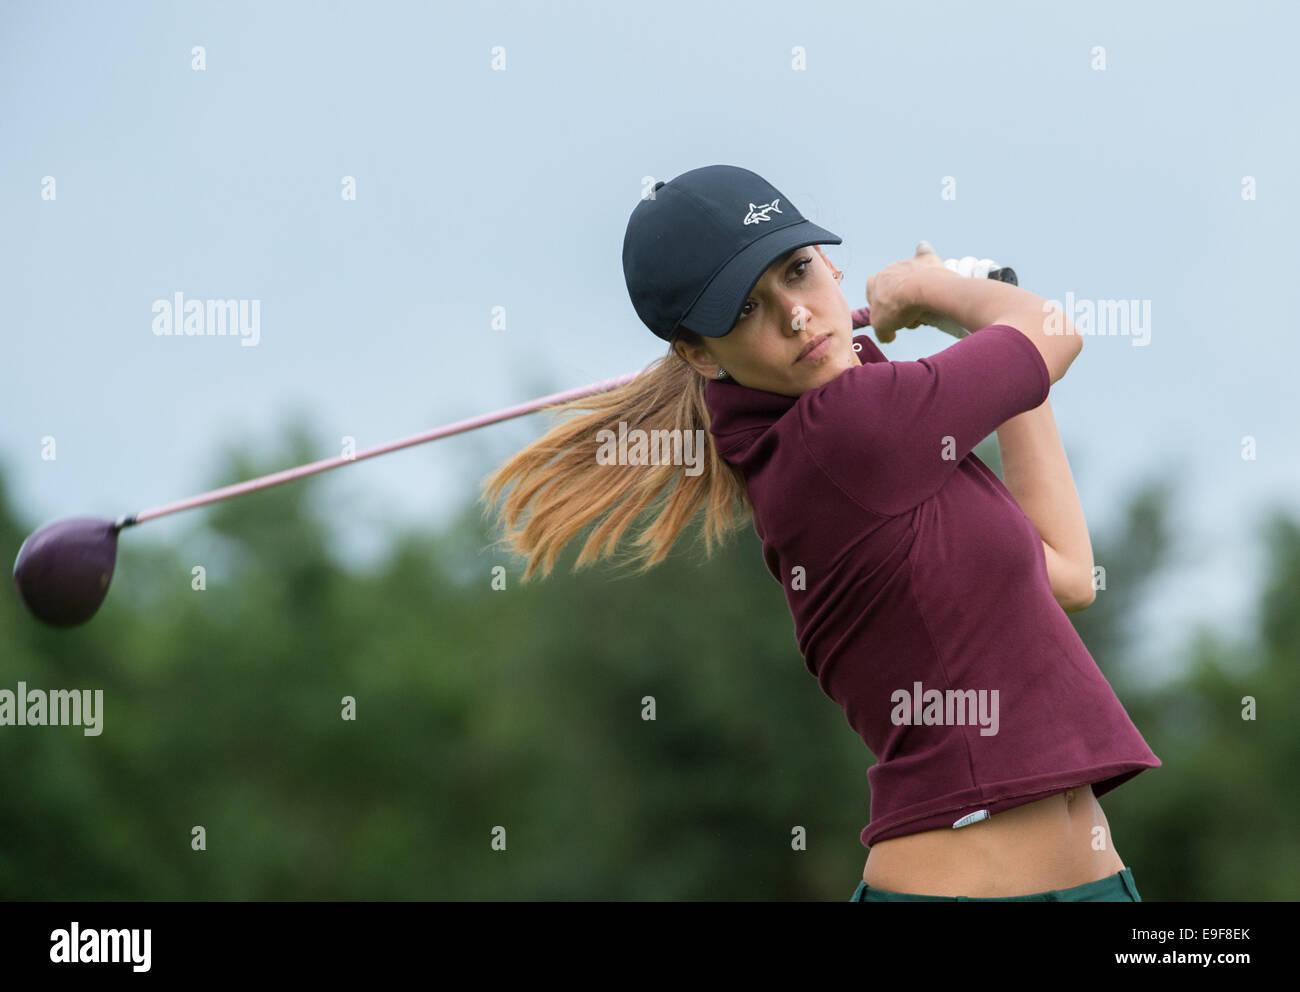 Haikou, China. 26 Oct, 2014. La estrella de Hollywood, Jessica Alba pone en una buena ronda de golf con su entrenador Imagen De Stock